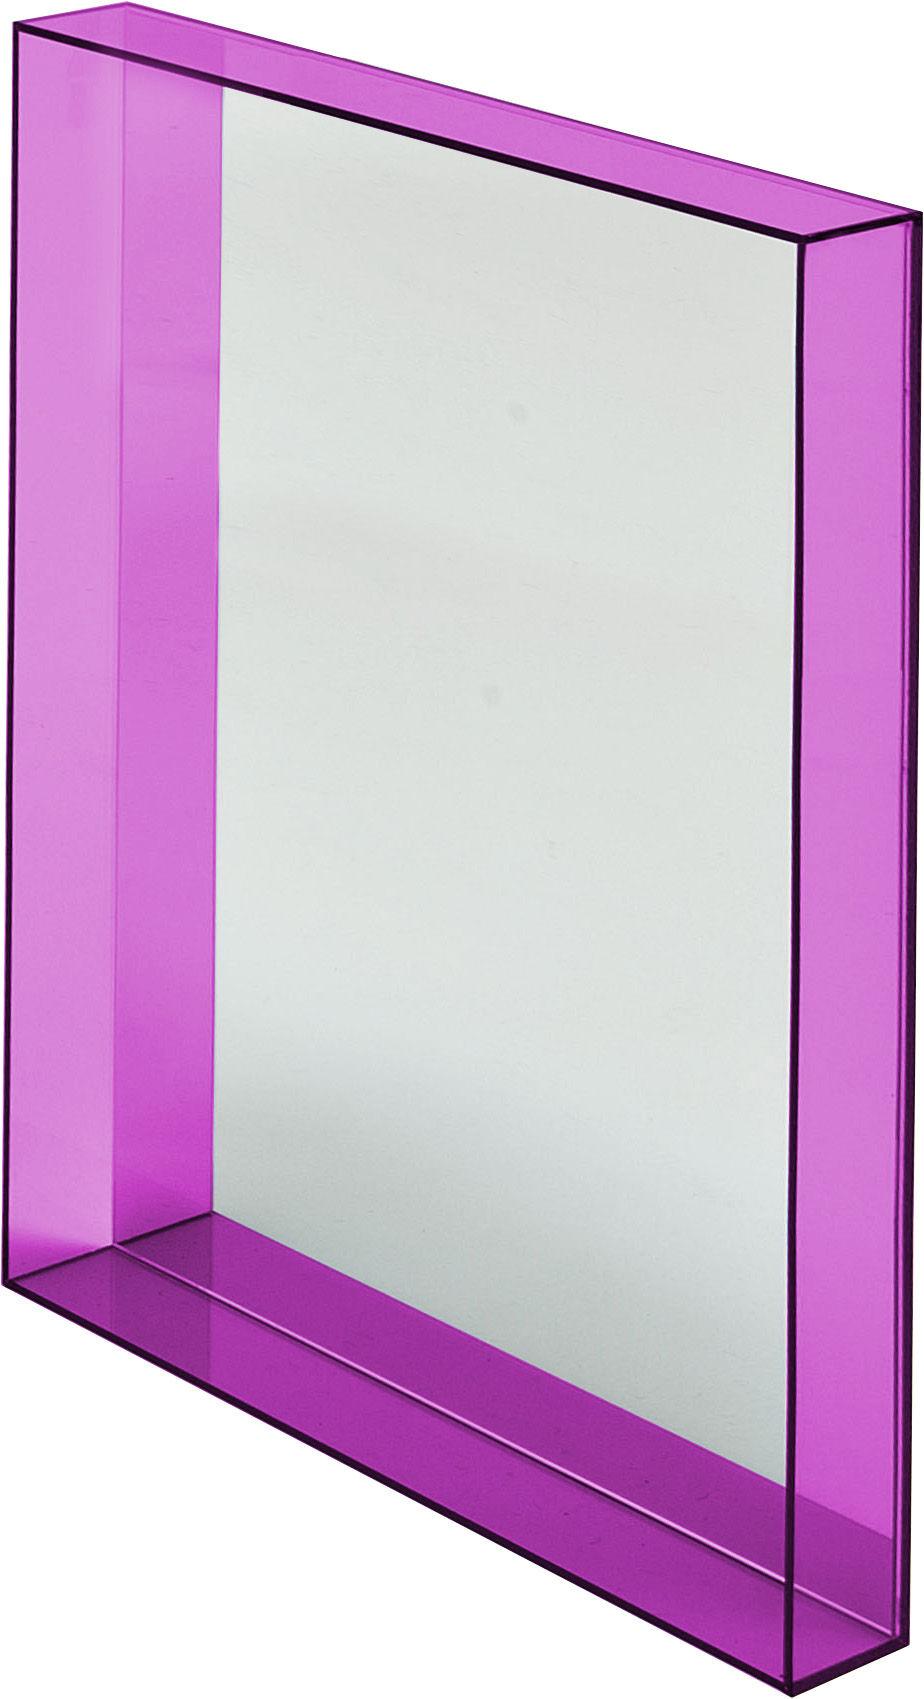 Möbel - Spiegel - Only me Wandspiegel - Kartell - Fuchsia (transparent) - PMMA, Spiegel-Finish